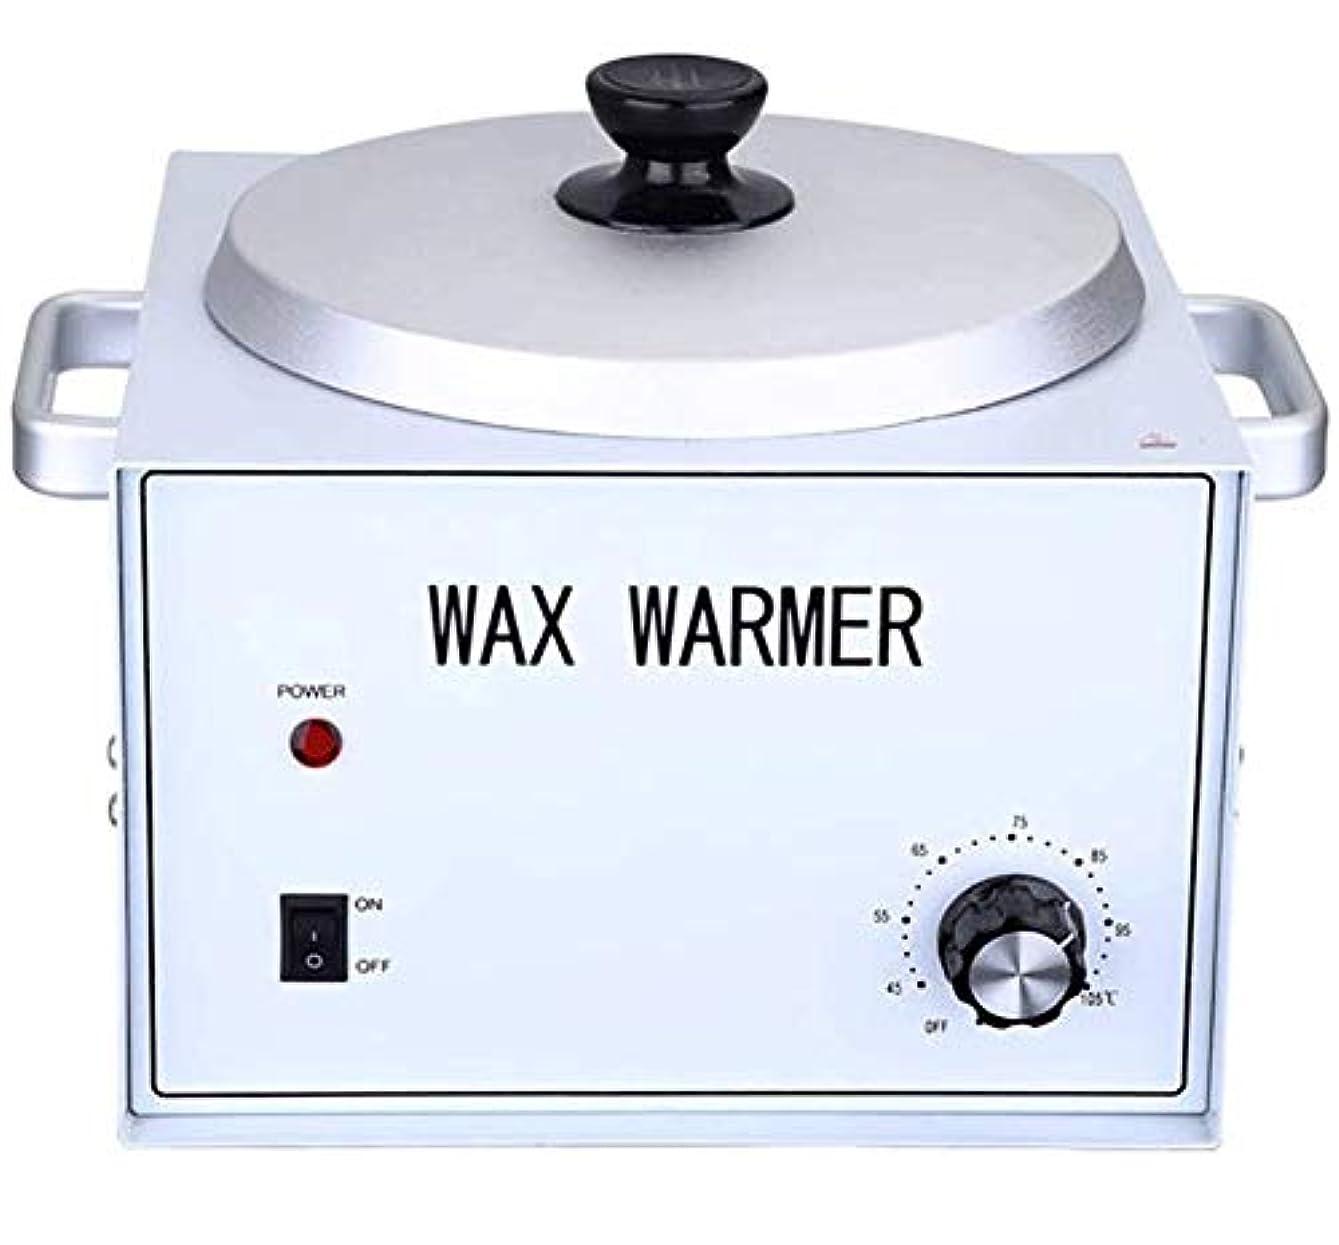 発掘皮肉視力すべてのWAXS(ソフト、ハード、パラフィン)の高速メルトプロフェッショナルヒーター脱毛ワックスヒーター脱毛ヒーターワックスウォーマーシングルポット